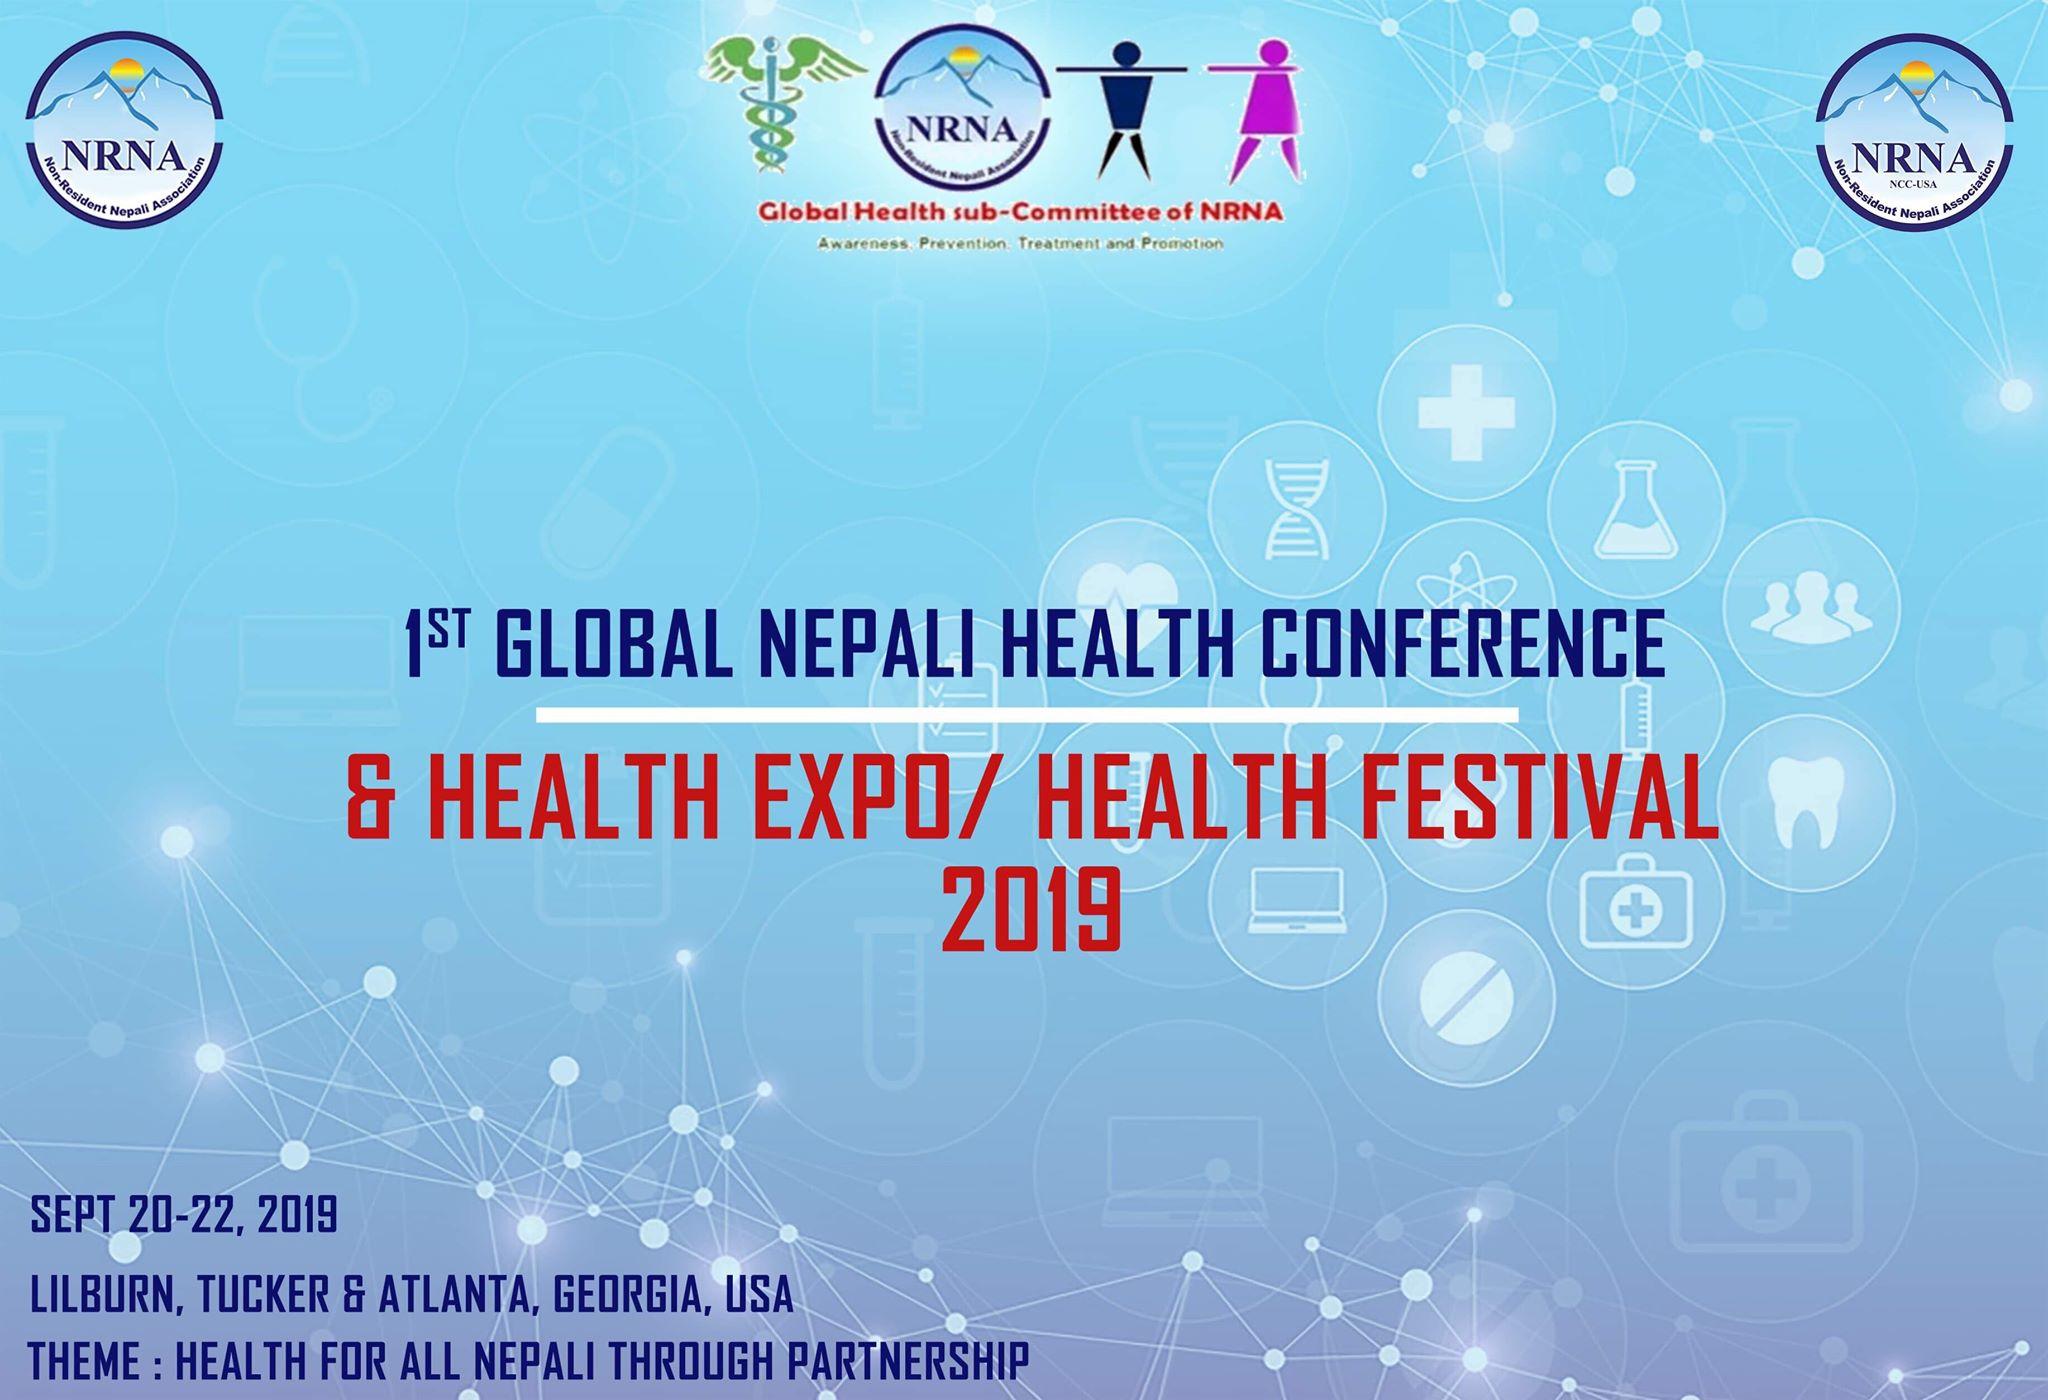 अमेरिकाको एट्लान्टामा पहिलो नेपाली स्वास्थ्य सम्मेलन